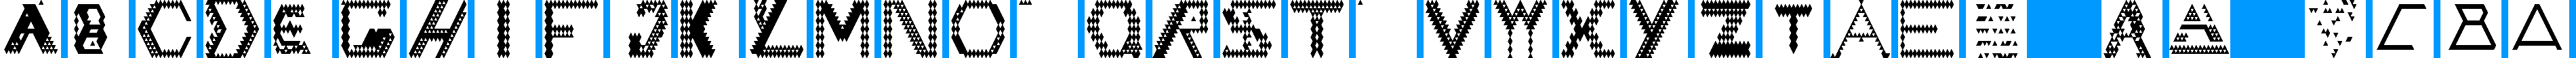 Particip-a-type v.199